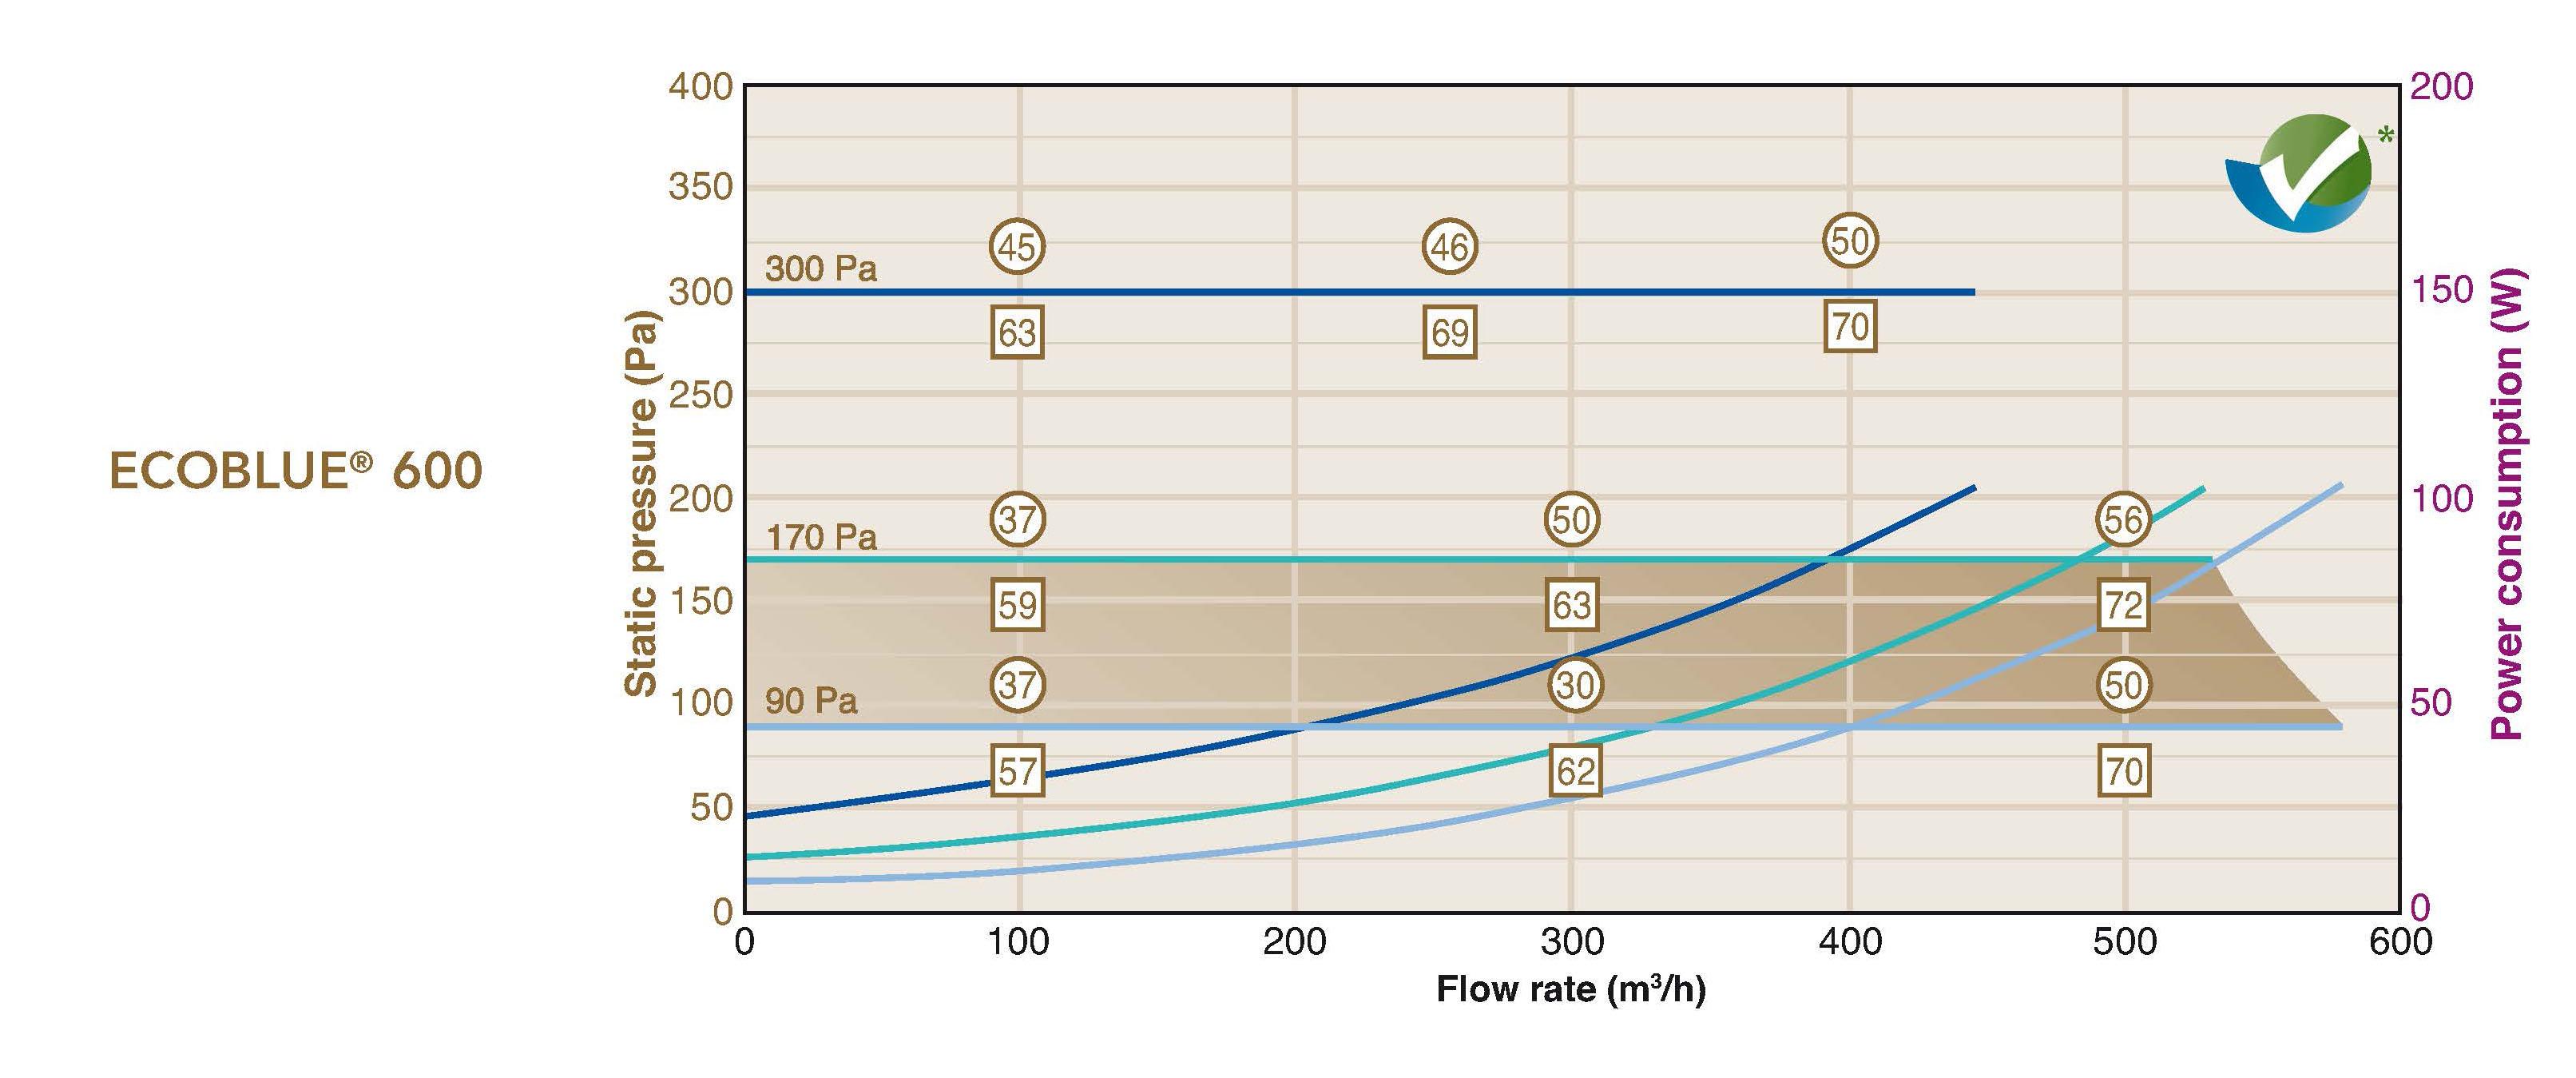 ecoblue 600 flow rates